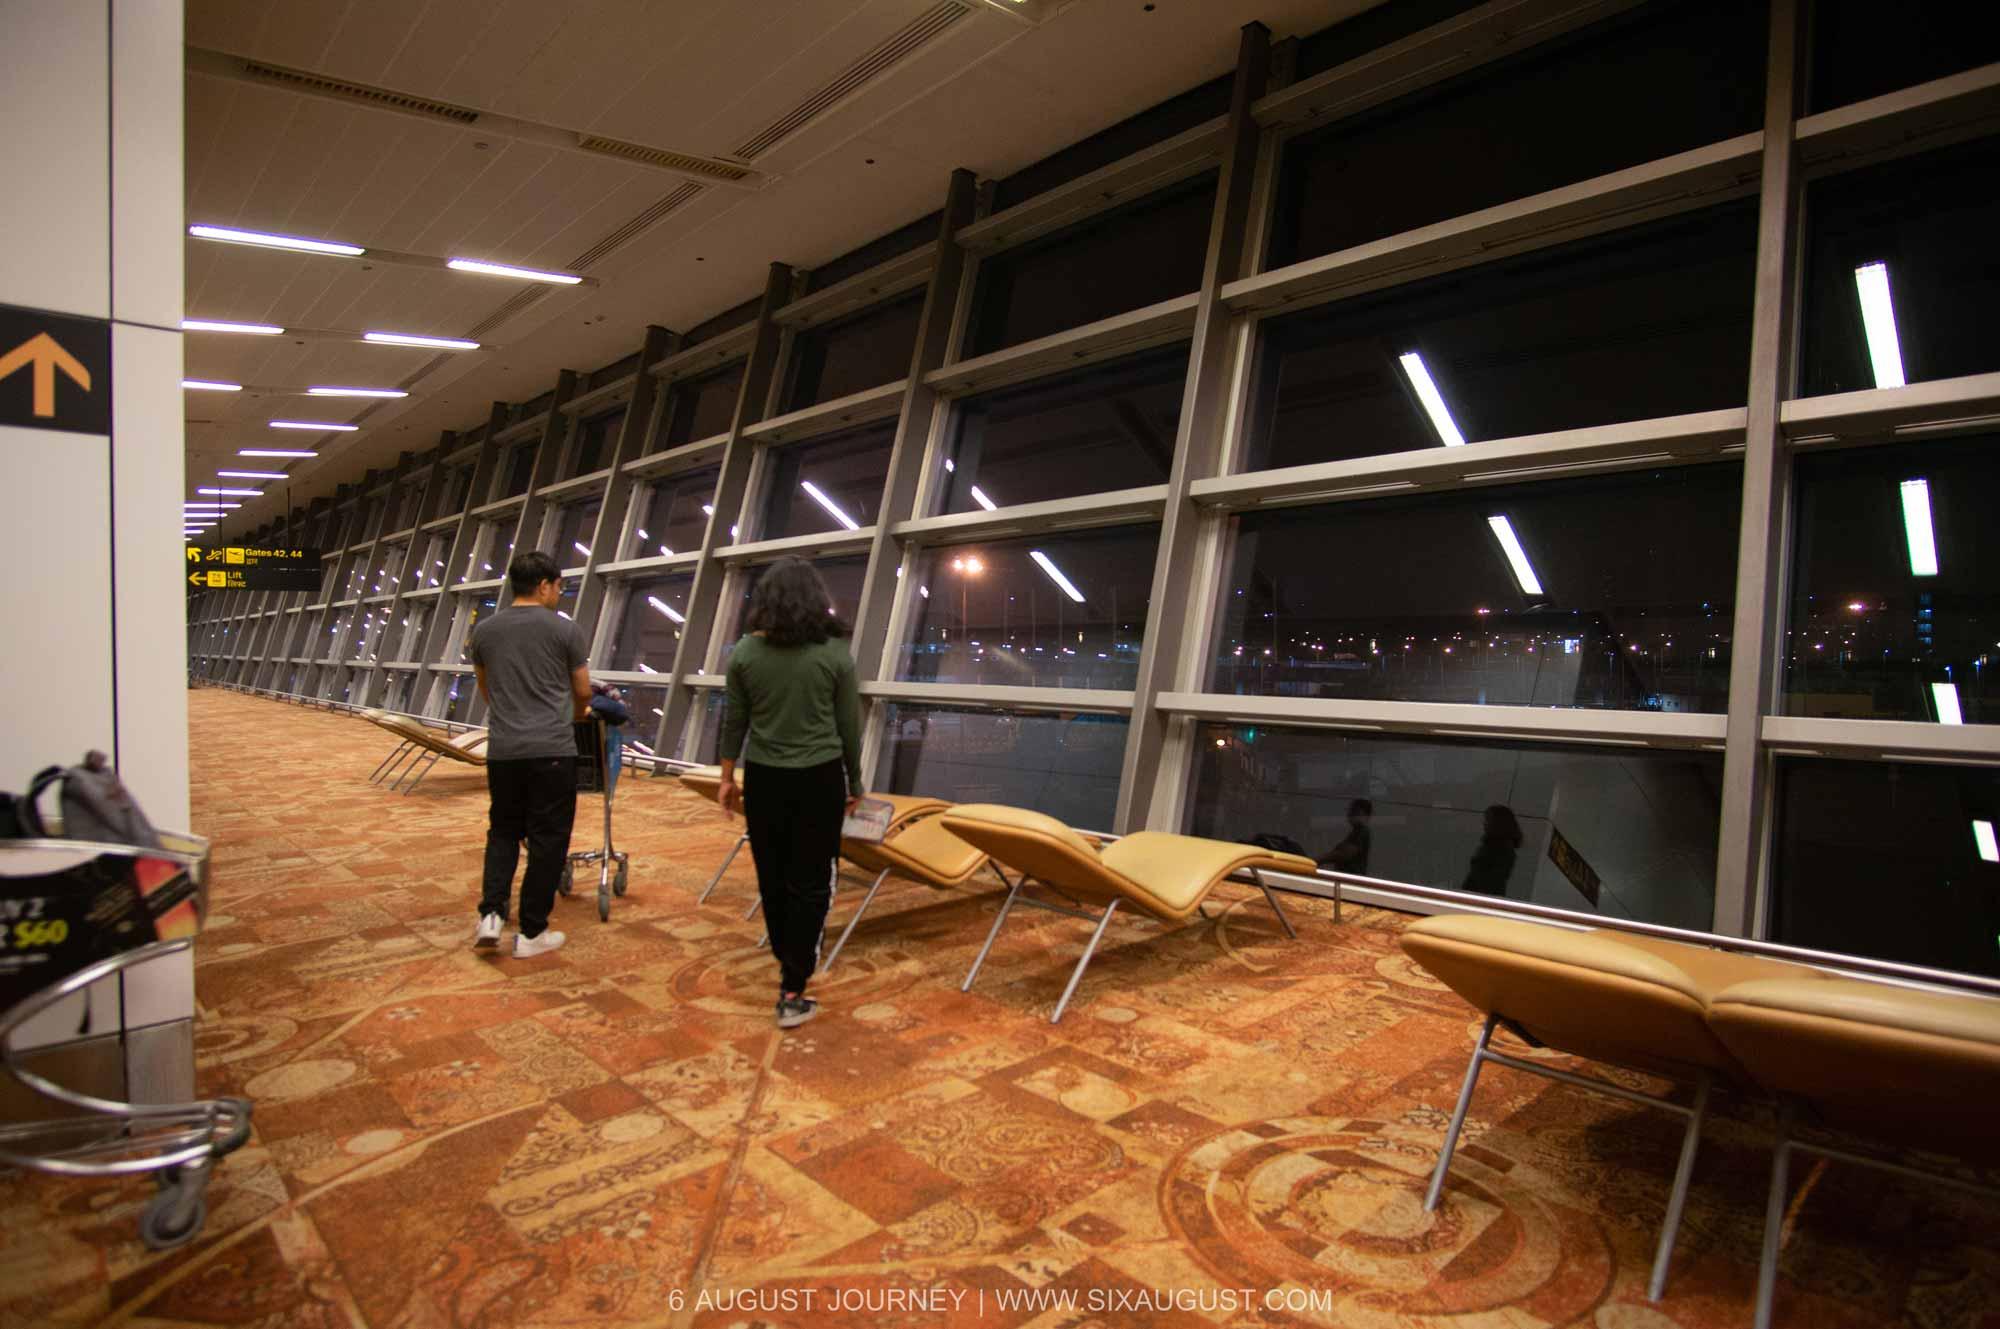 นอนสนามบินนิวเดลี